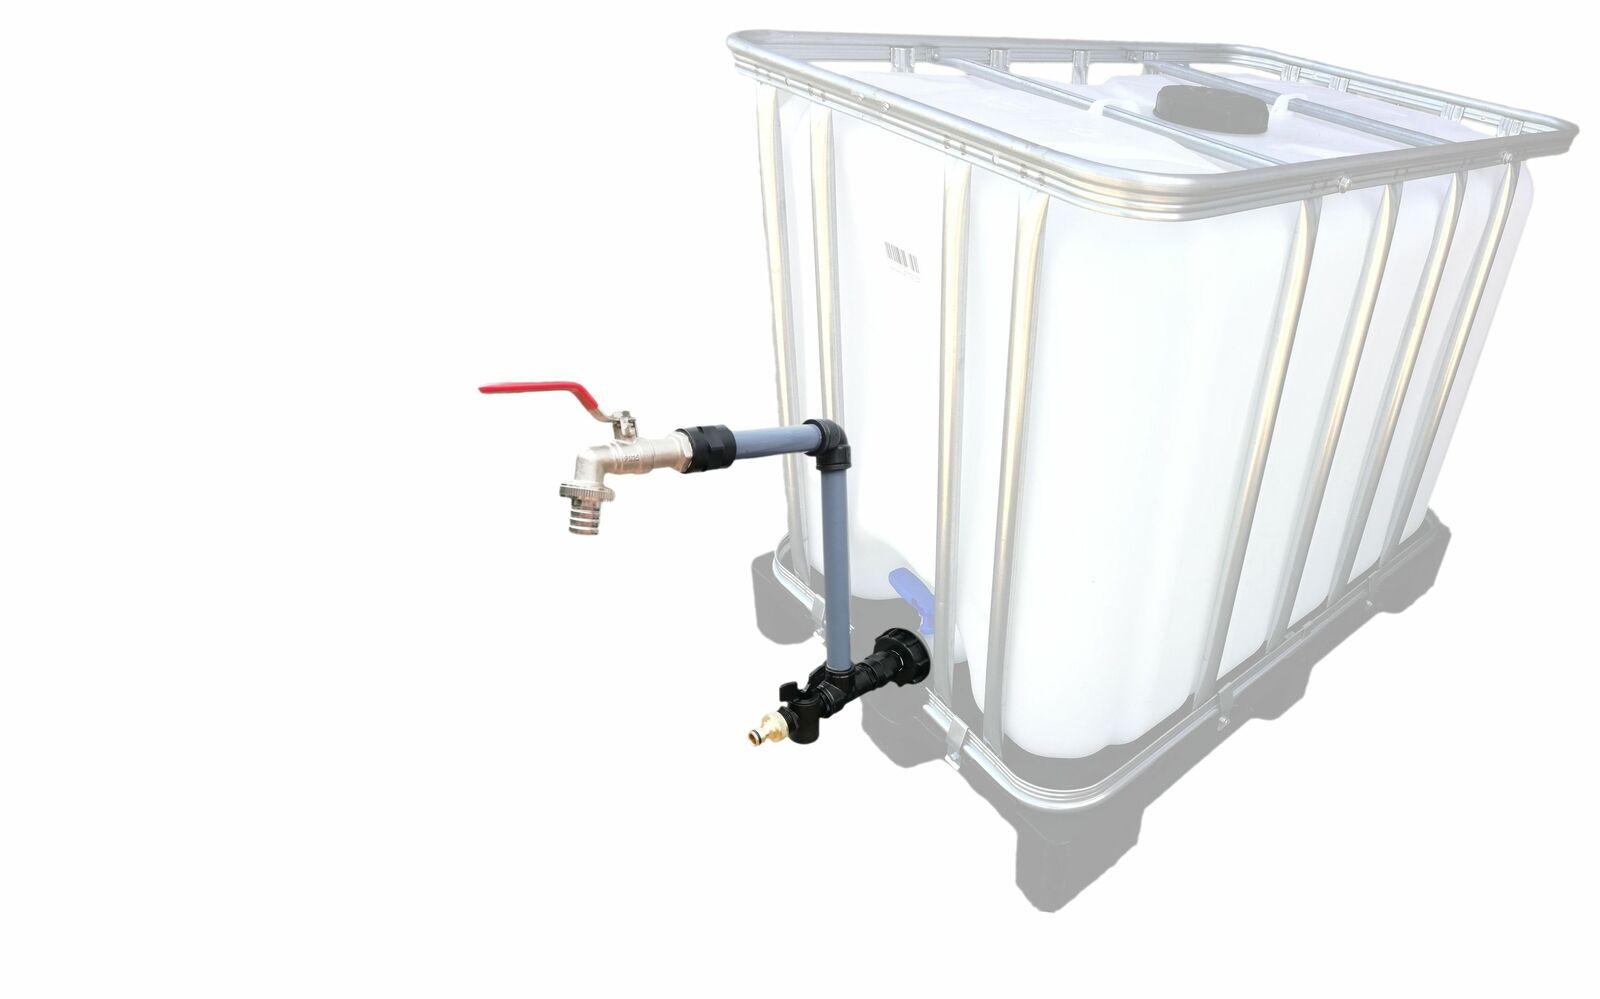 FN-Technik Schwanenhals DN 50 IBC Adapter Container Regenwassertonne Wasserfass Gardena komp